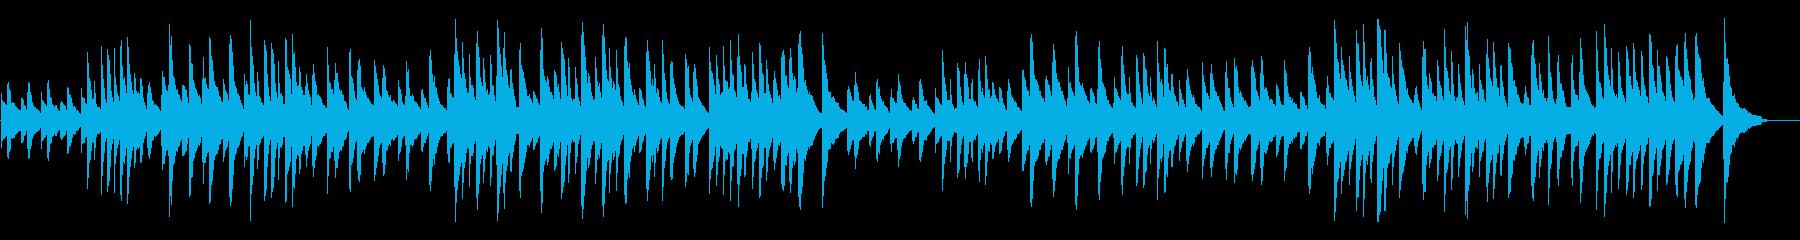 ジムノペディ第1番【ピアノ名曲】の再生済みの波形